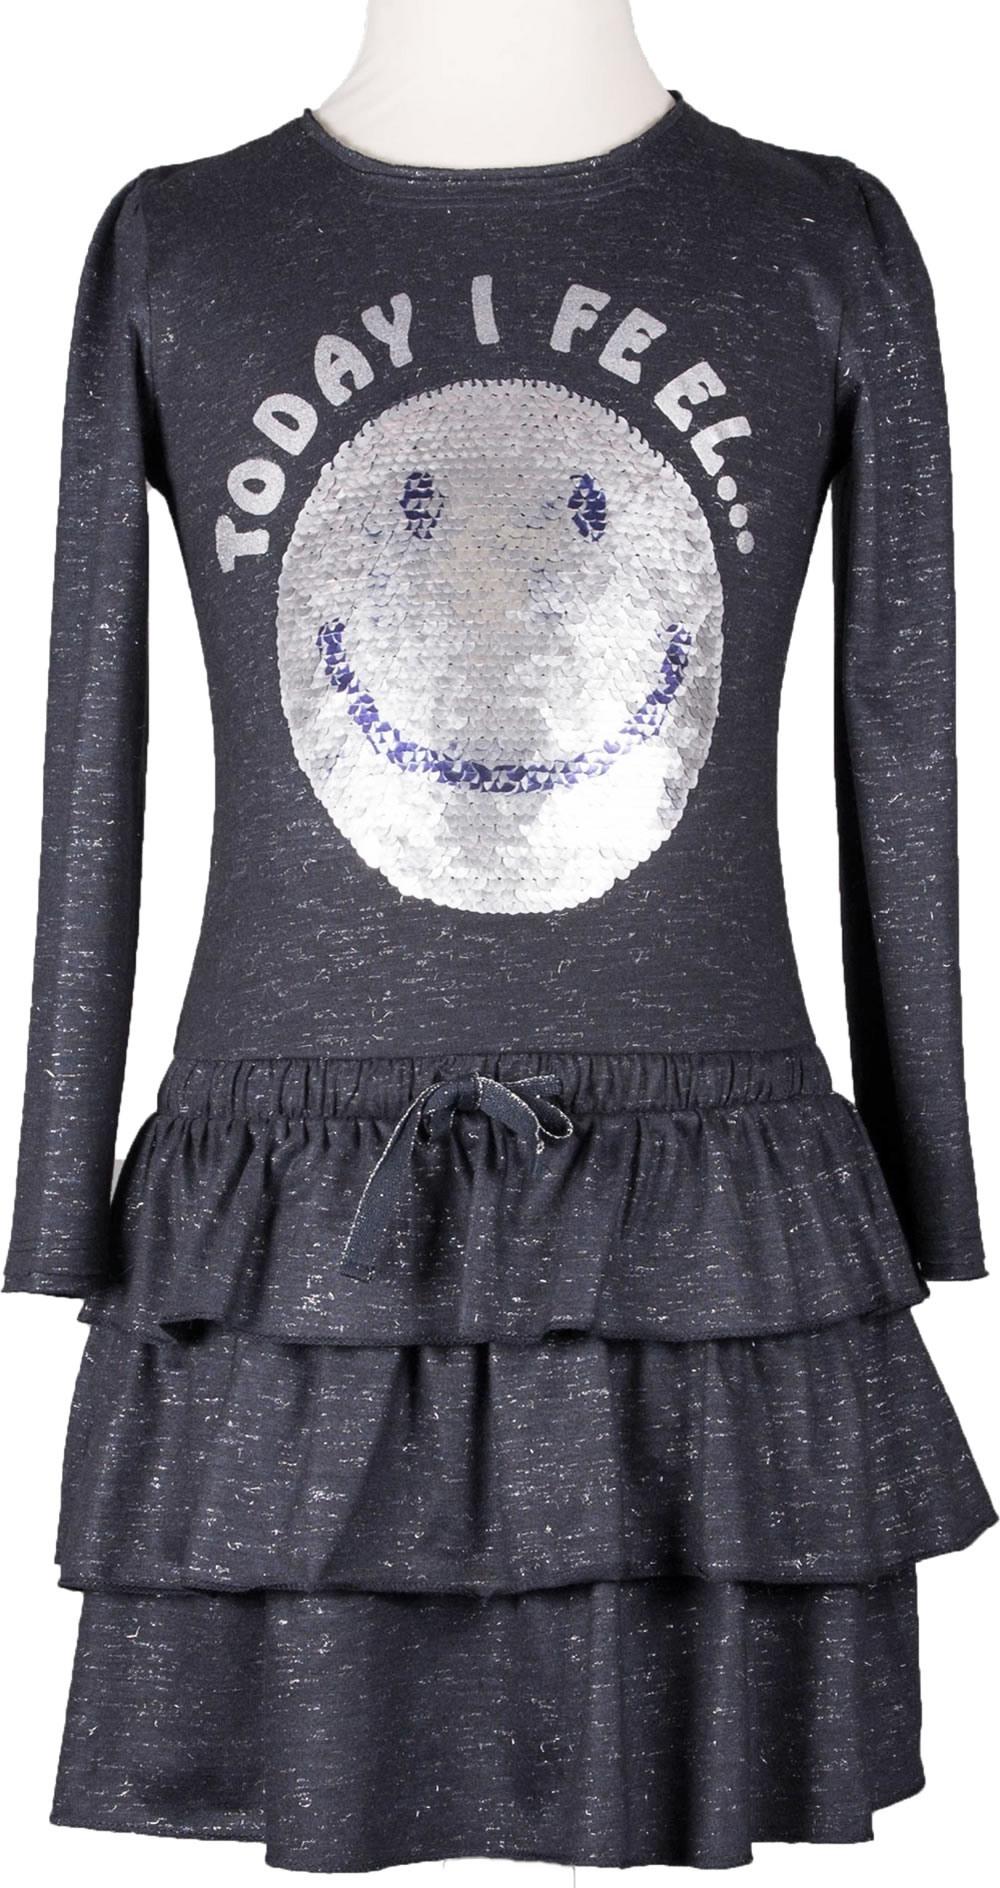 15 Ausgezeichnet Das Besondere Kleid Galerie10 Luxurius Das Besondere Kleid Design